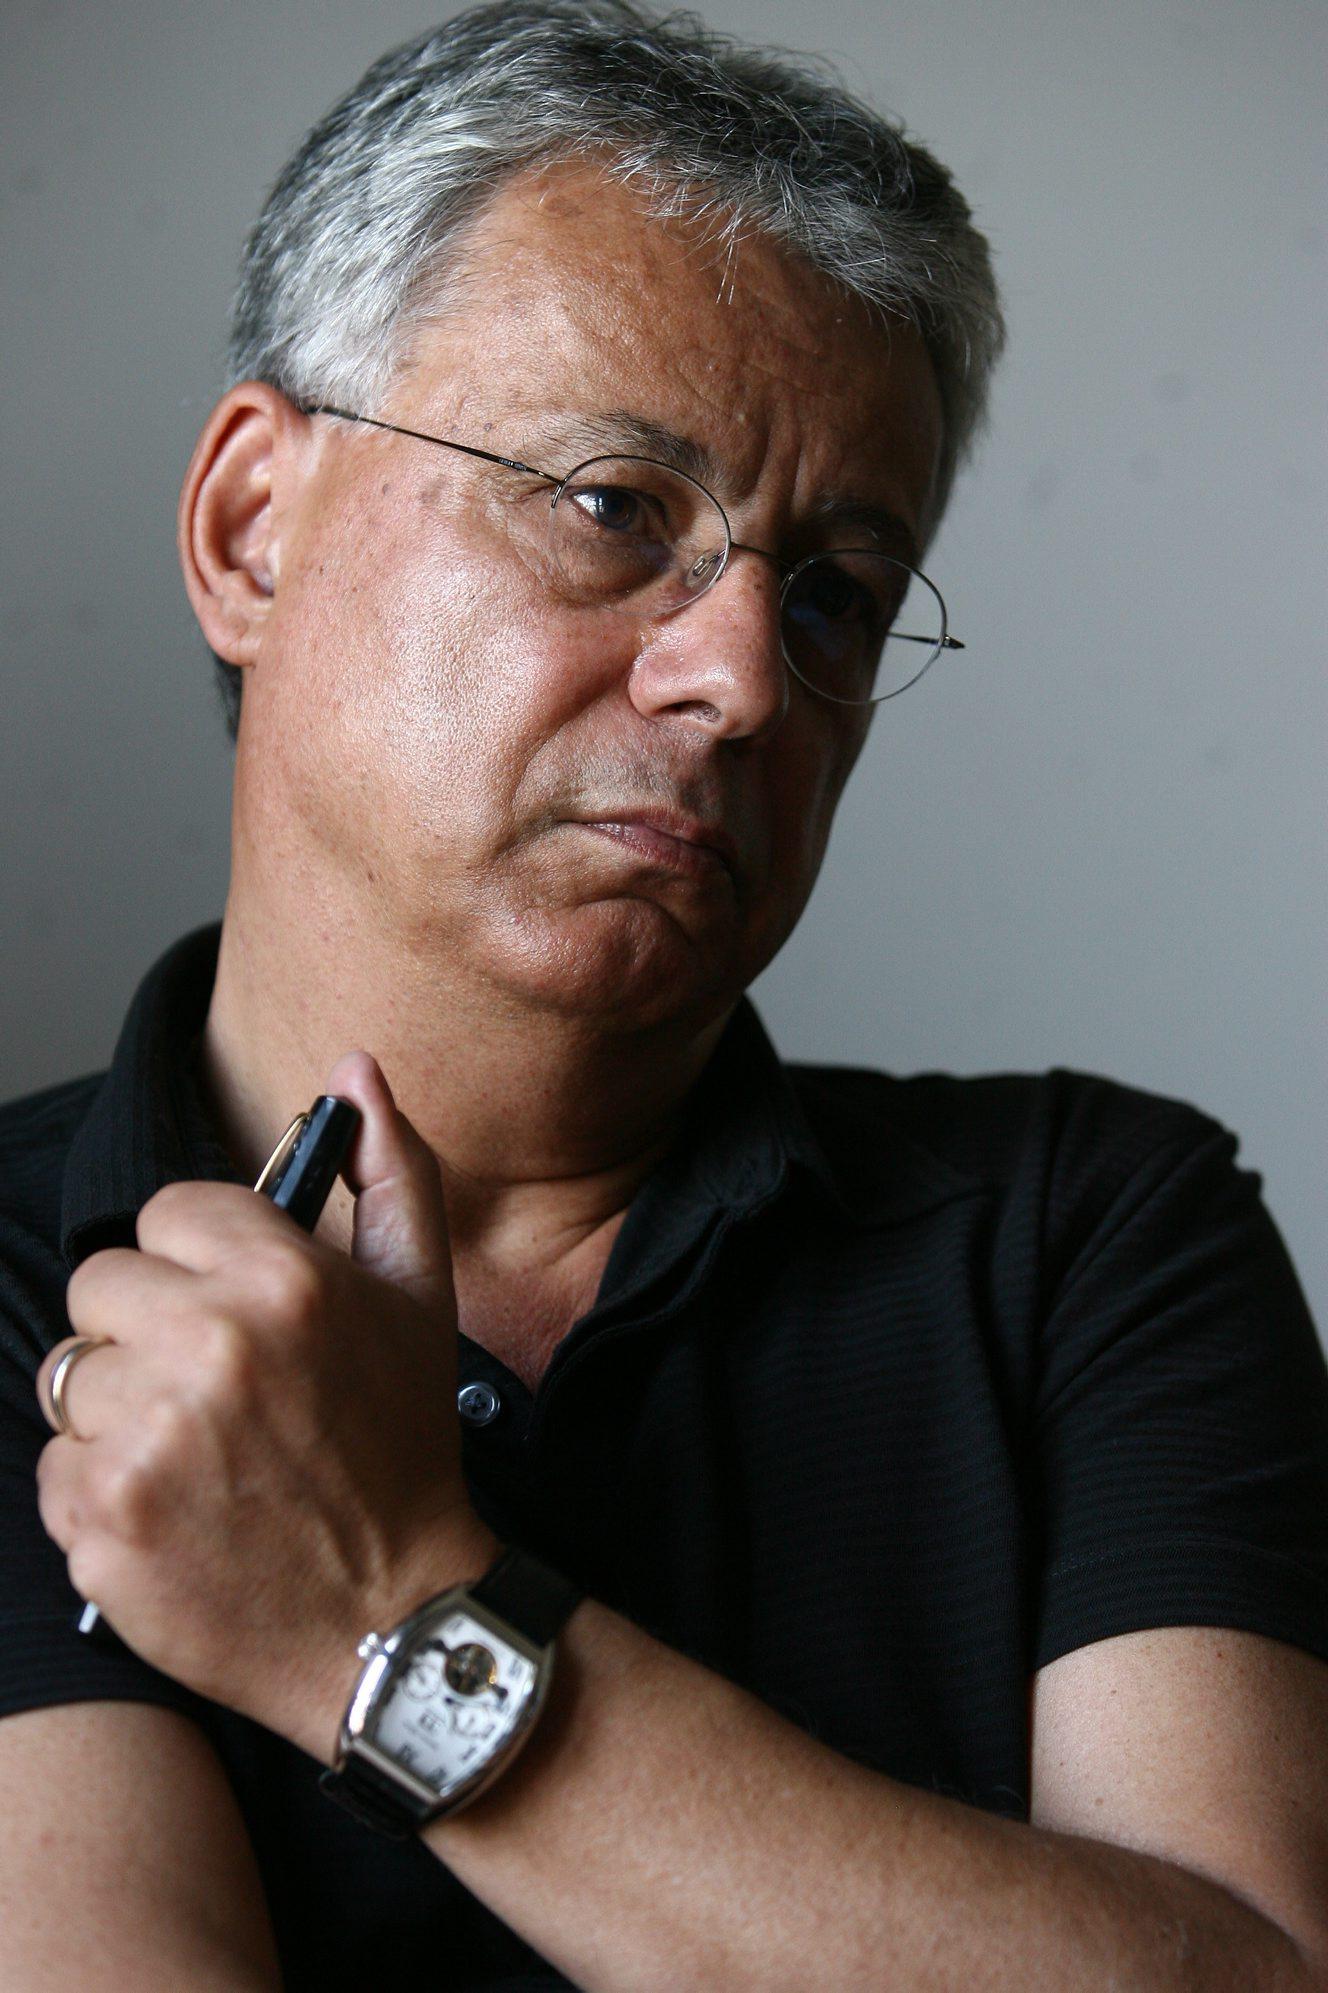 Scriitorul Dorin Tudoran vorbeste despre dosarul sau de la Securitate, in timpul interviului acordat cotidianului Jurnalul National, in Bucuresti